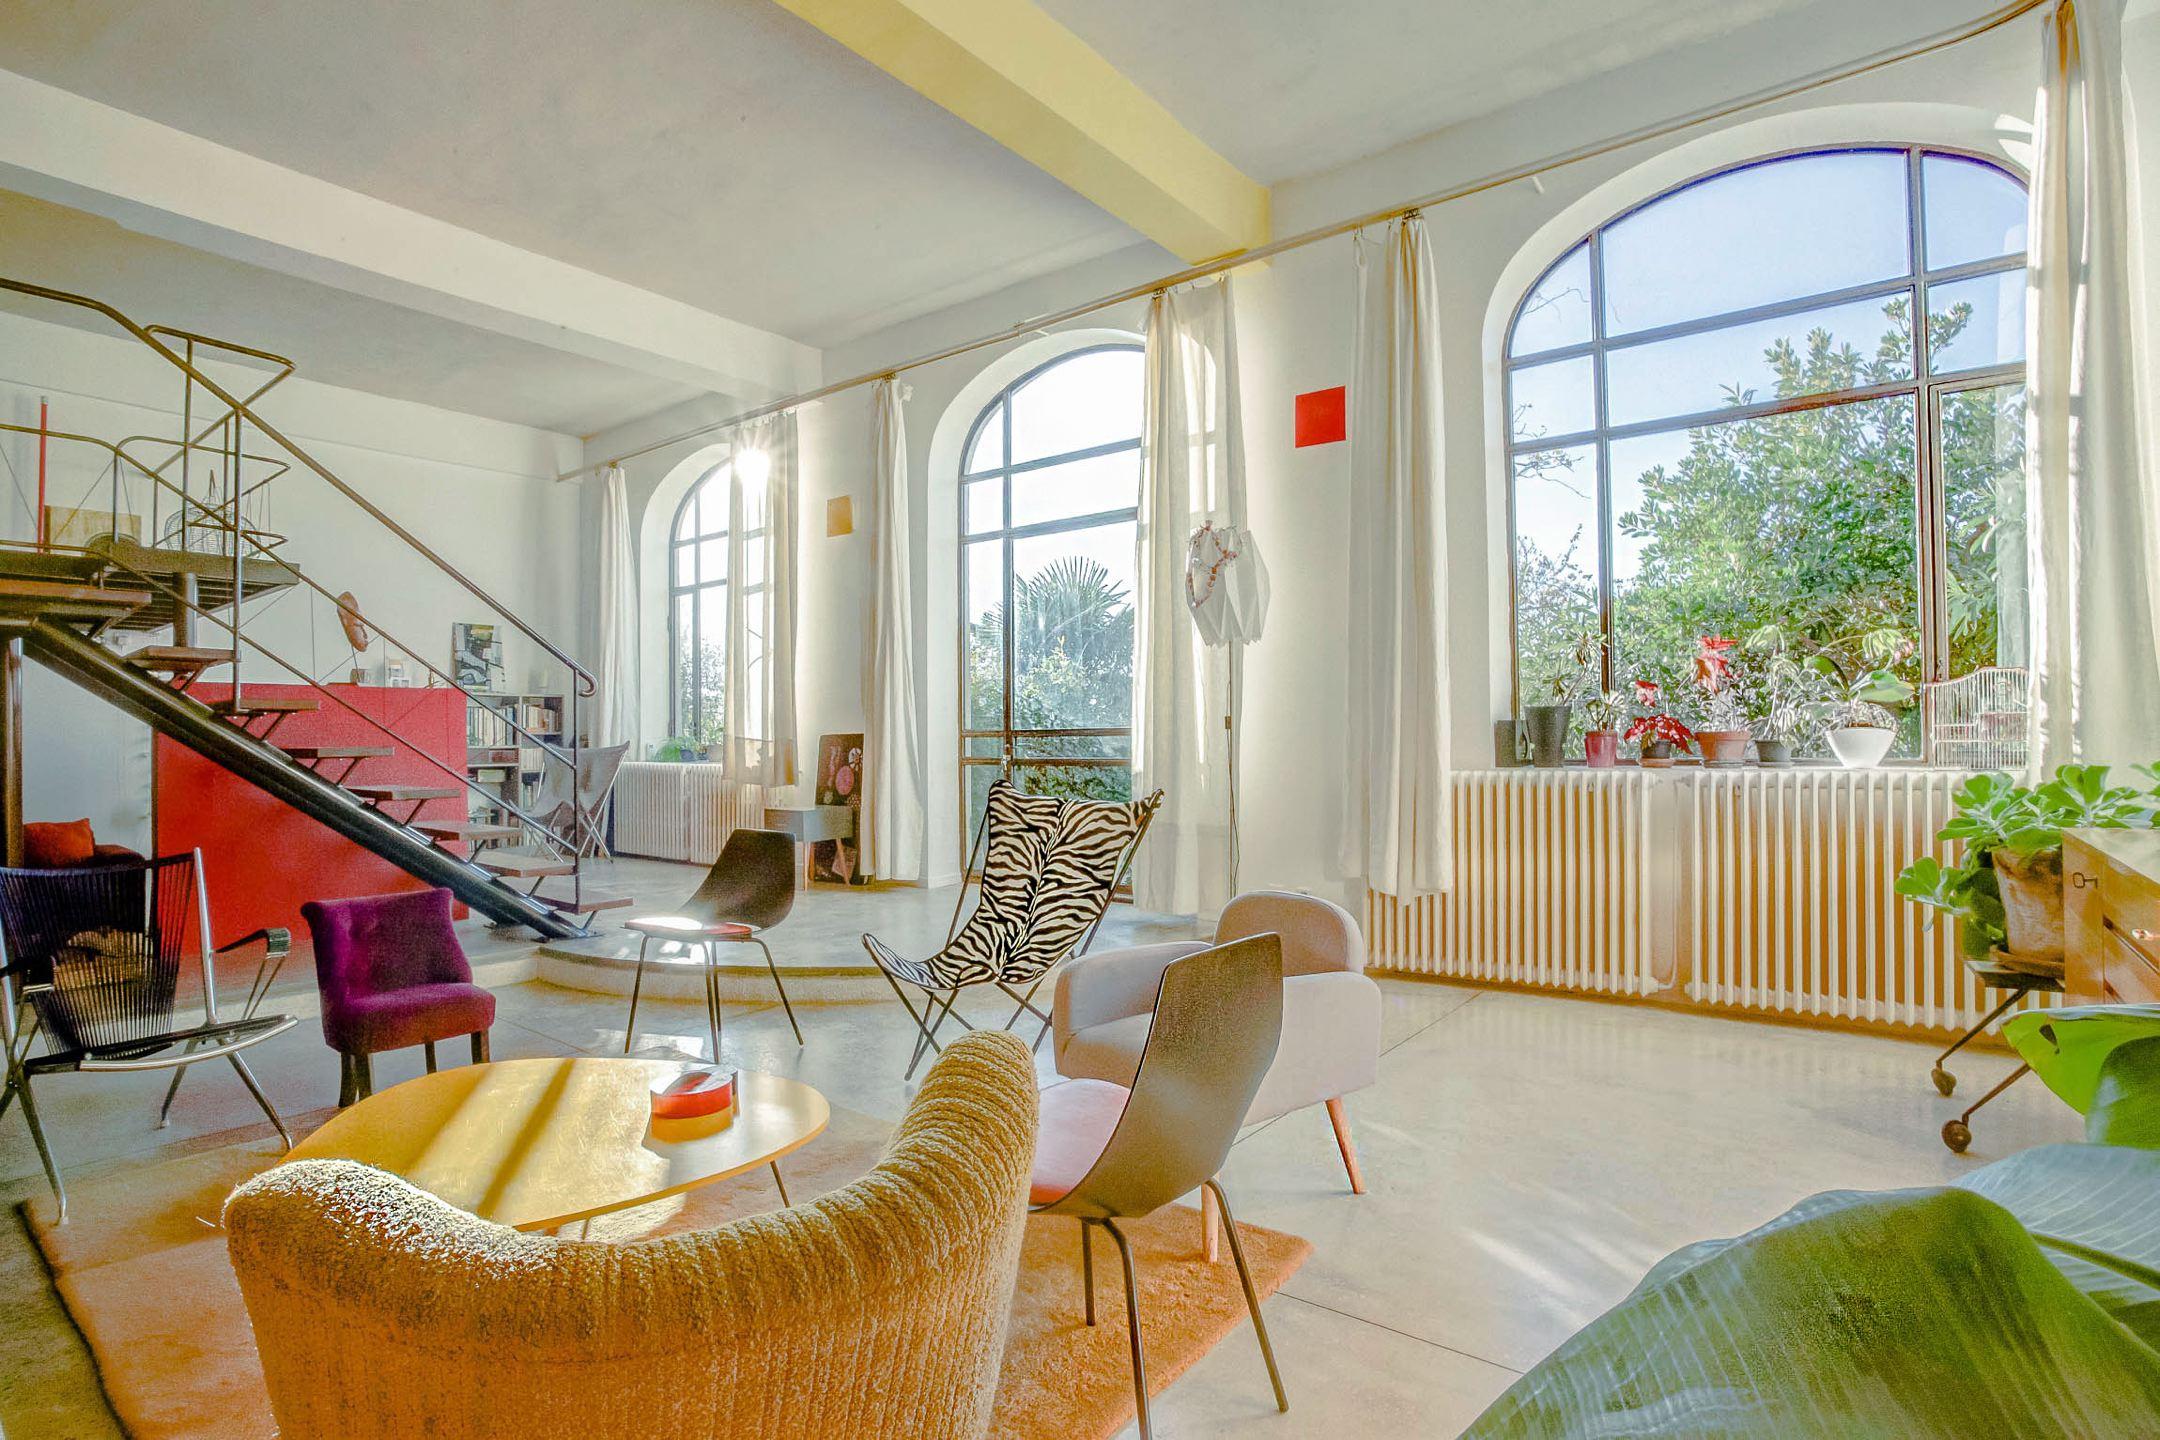 Ma terrasse marseille agence immobili re acheter vendre un appartement une maison avec - Terrasse et jardin marseille ...